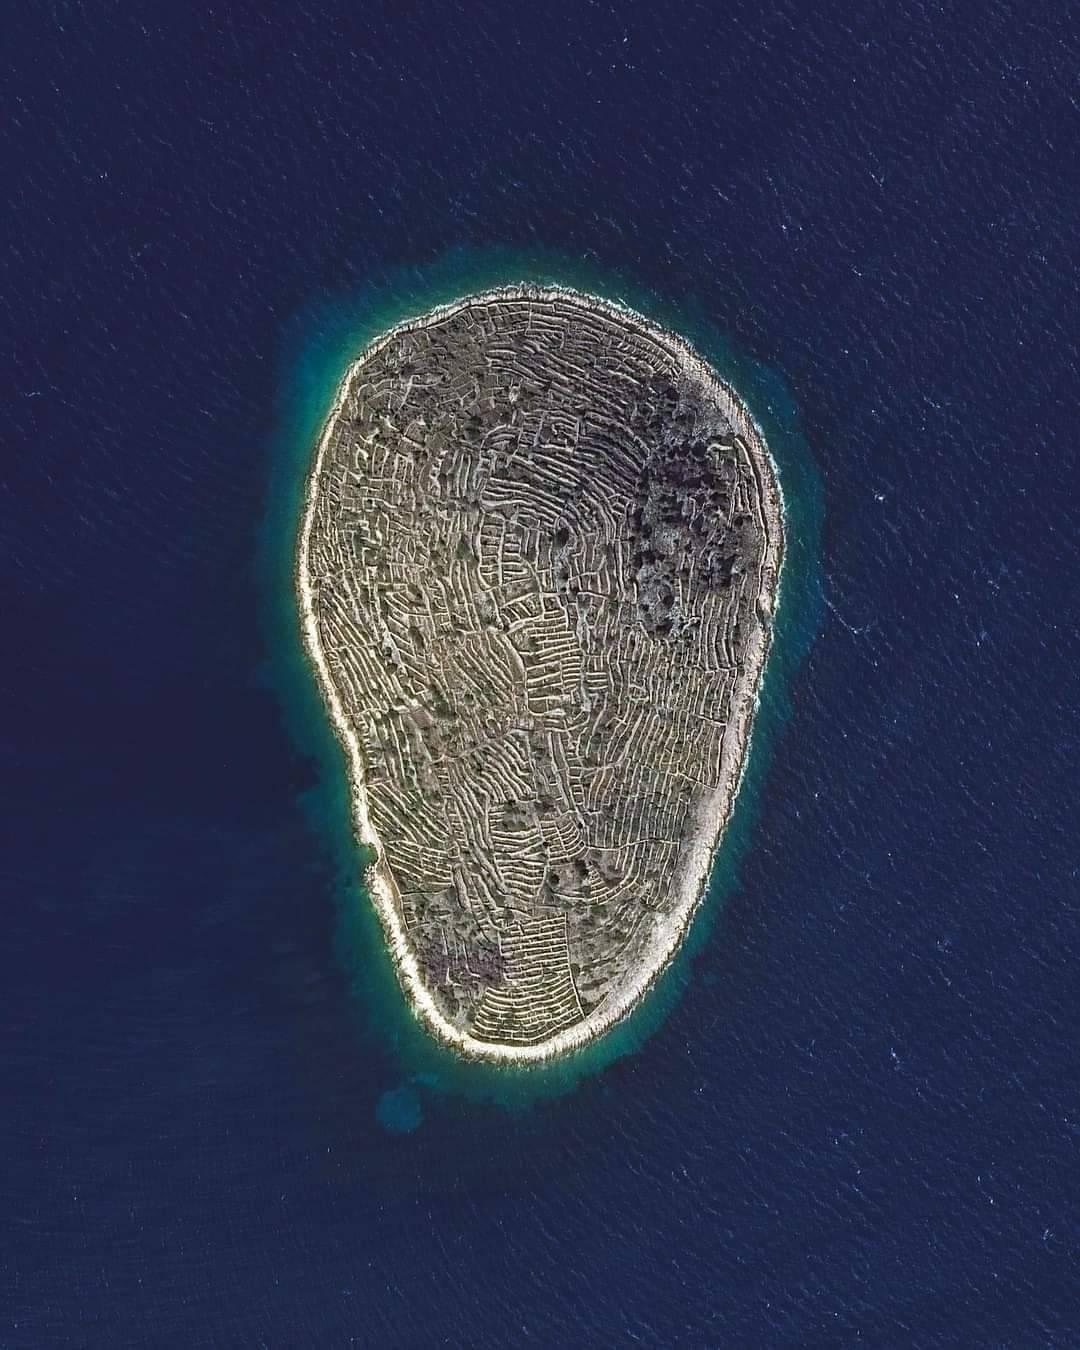 Đảo Baljenac: Dấu vân tay khổng lồ giữa đại dương